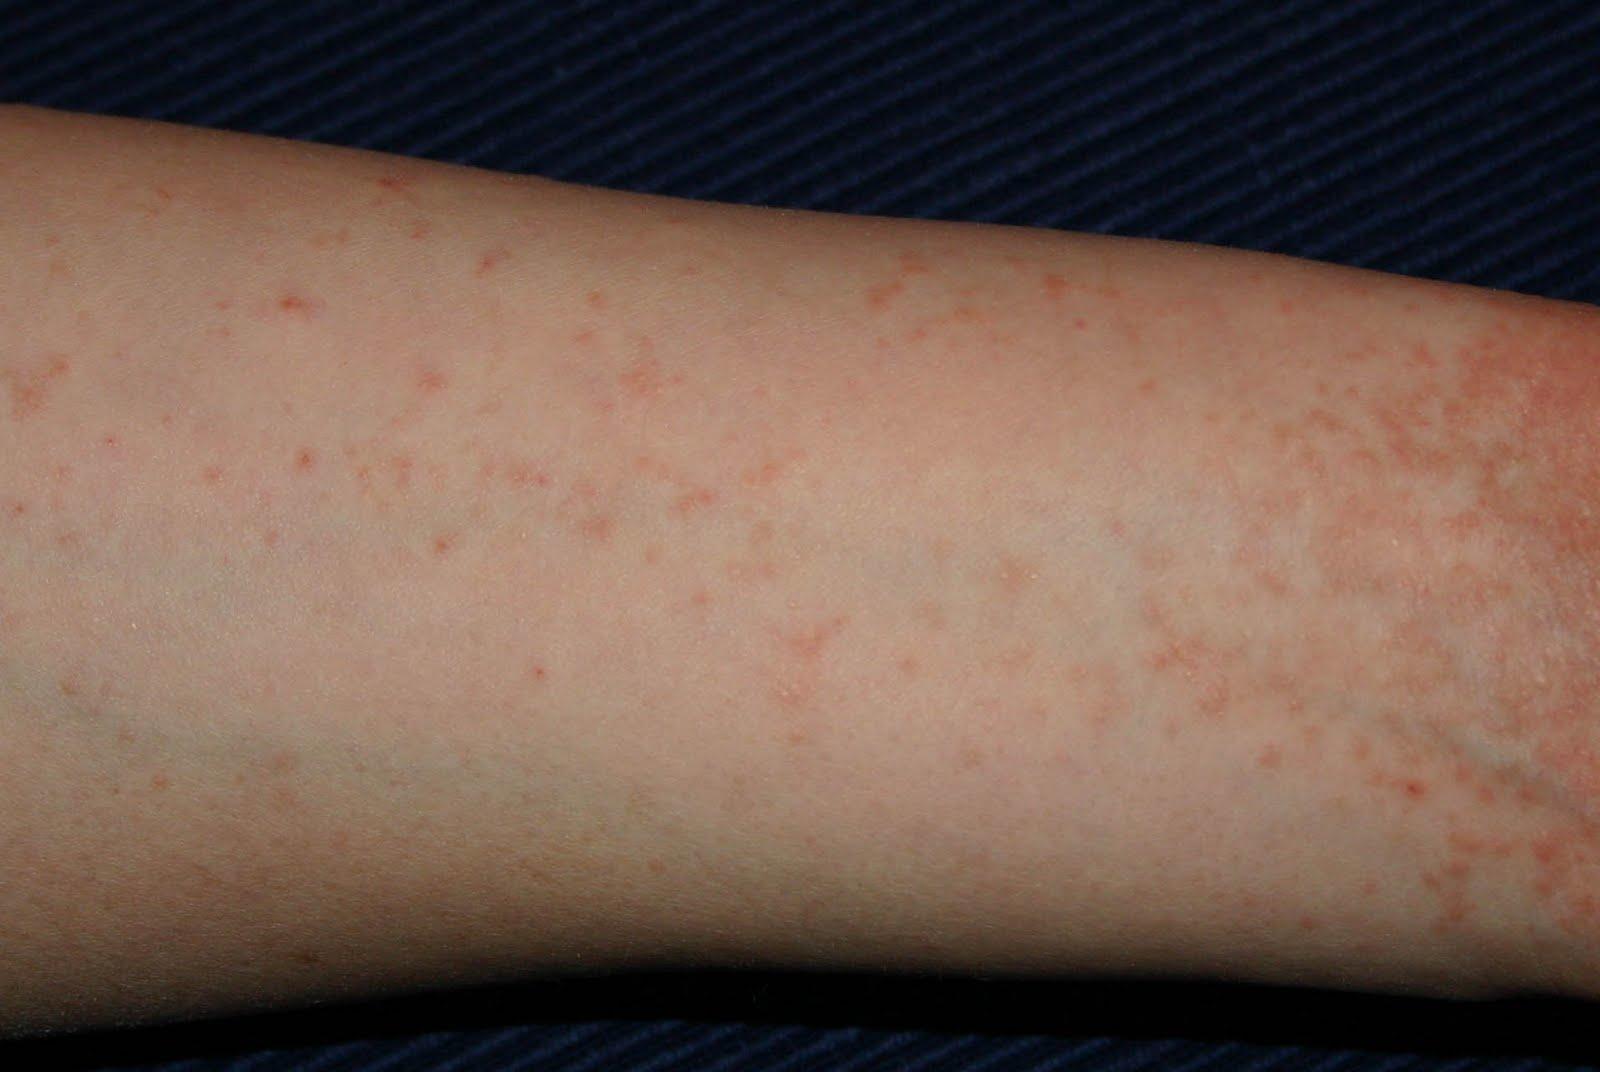 vörös foltok a karokon és a lábakon viszketnek egy felnőttnél vörös foltok a hónalj alatt kezelés